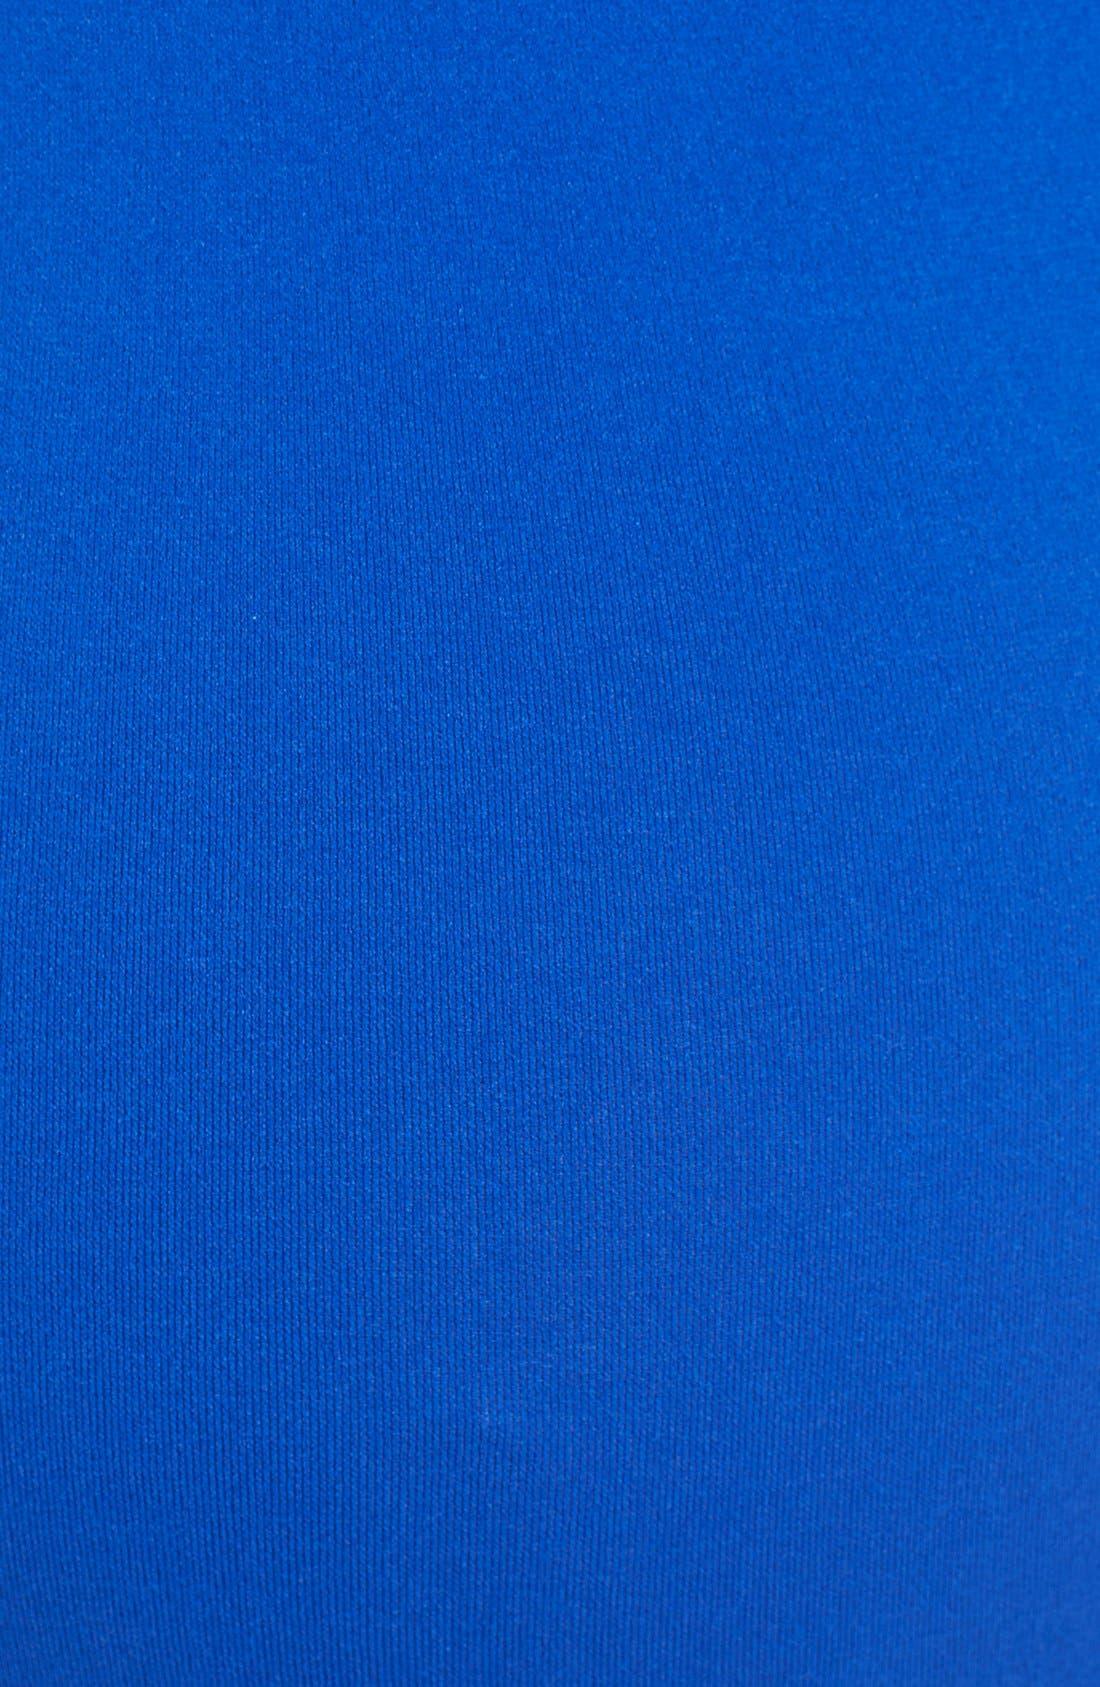 Cami Tunic Slip Maternity Dress,                             Alternate thumbnail 5, color,                             138